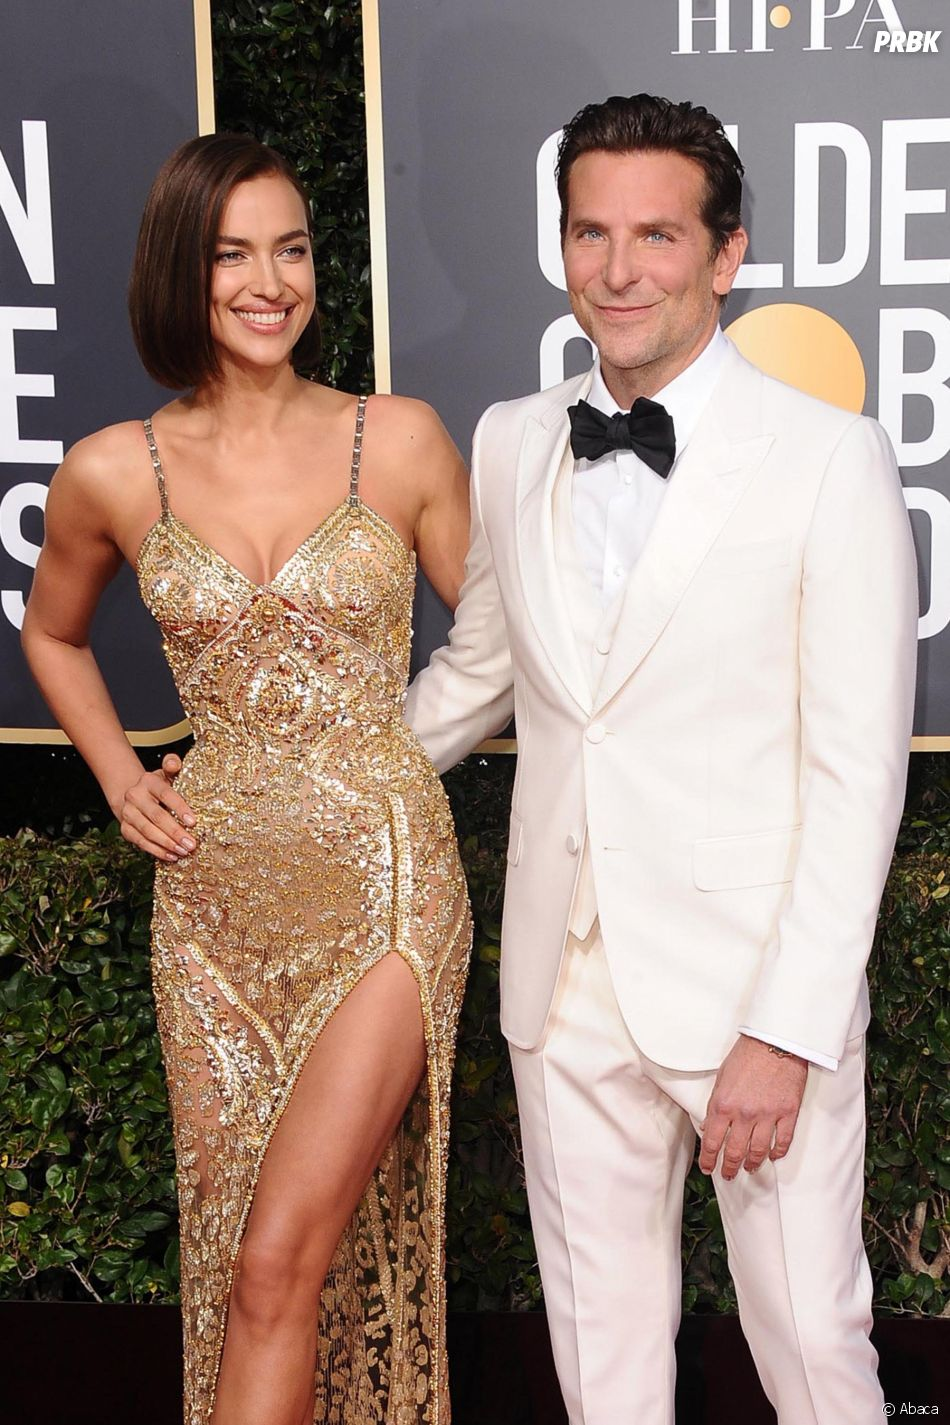 Irina Shayk et Bradley Cooper sur le tapis rouge des Golden Globes le 6 janvier 2019